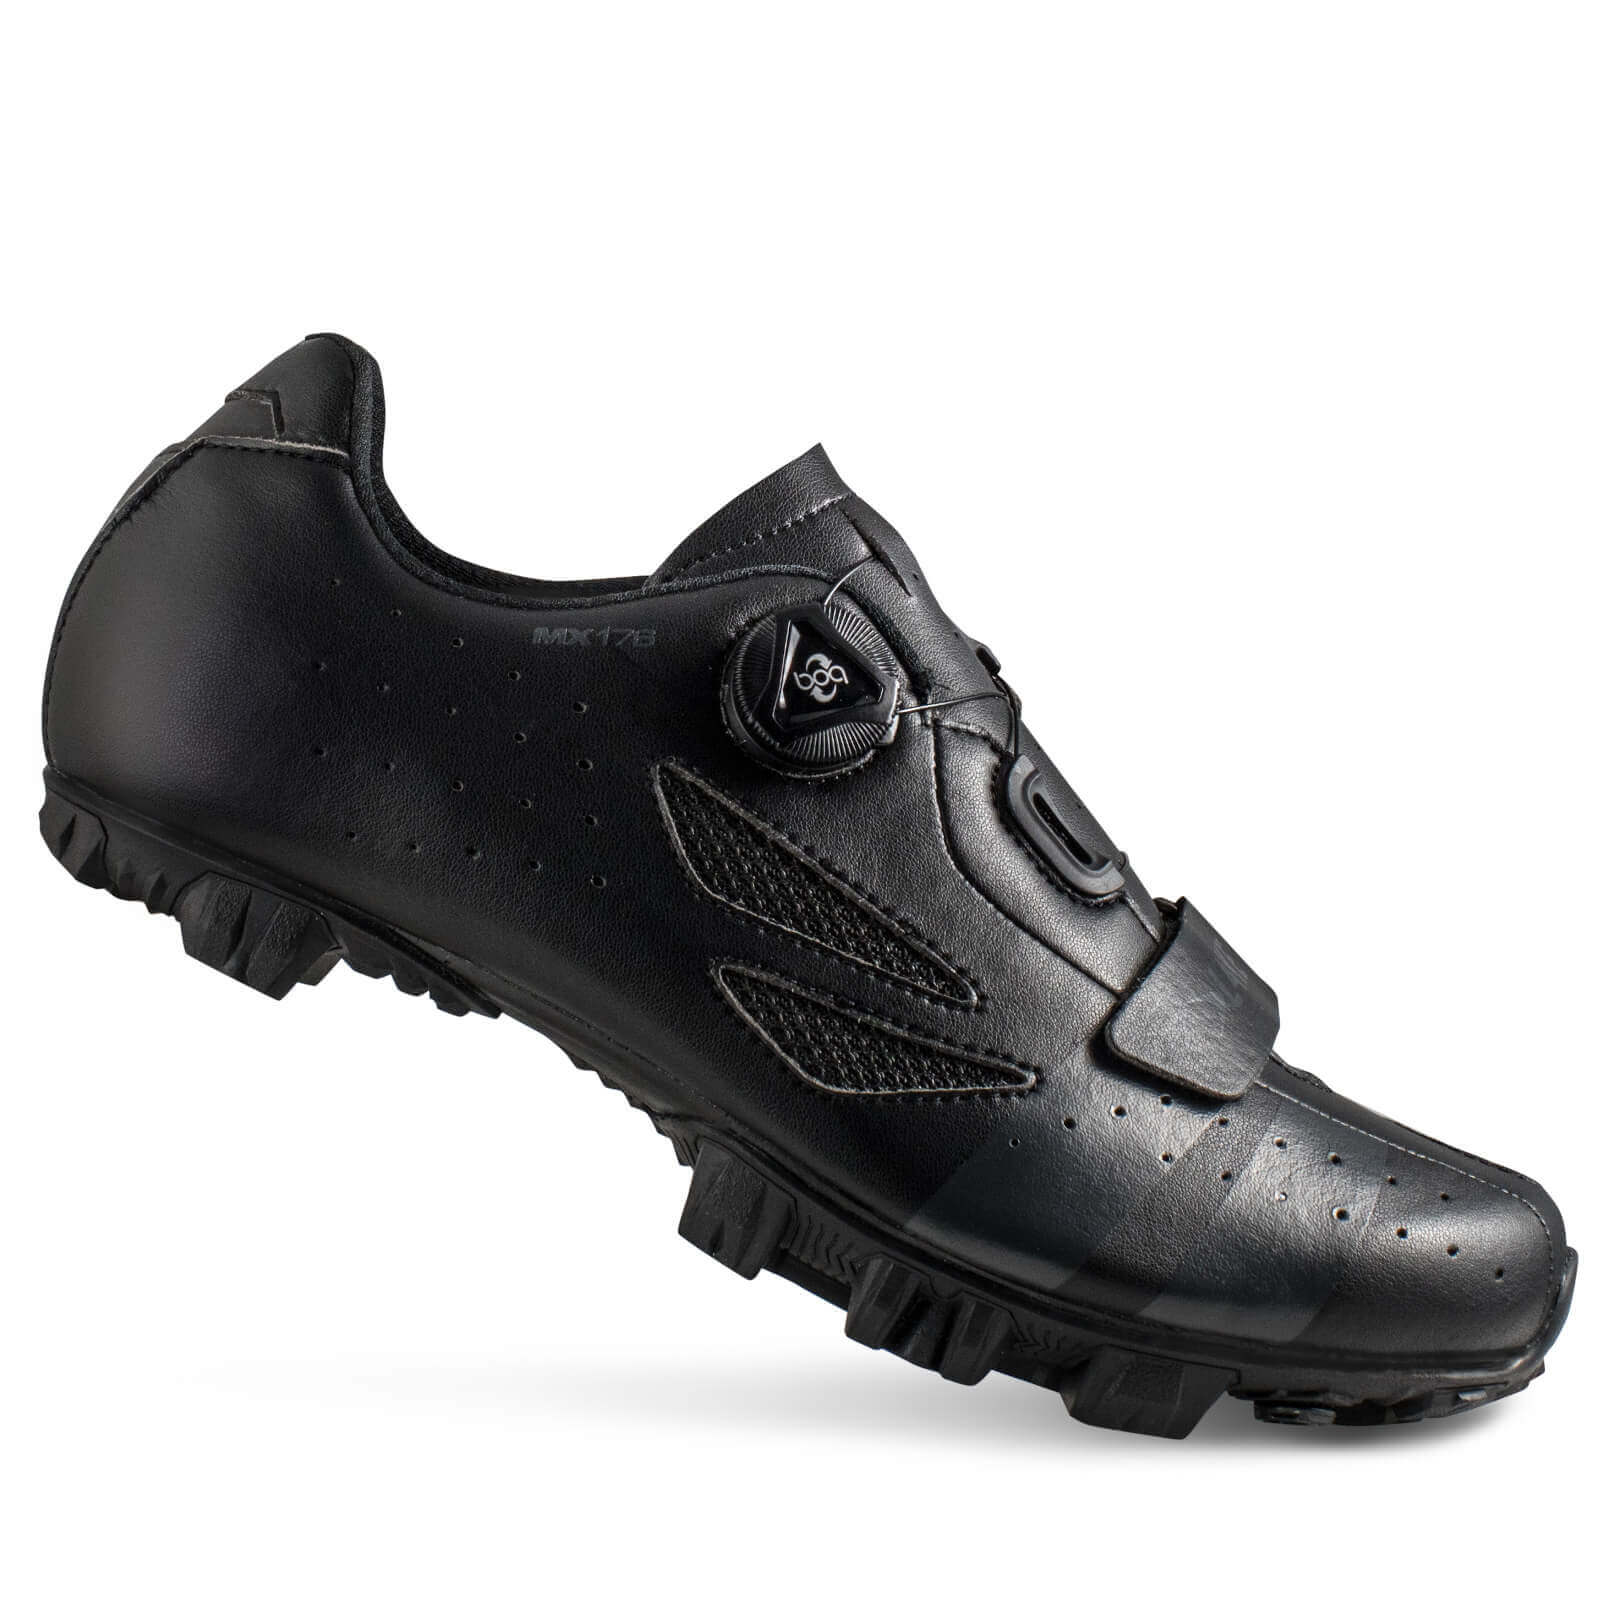 Lake MX176 MTB Shoes - EU 45 - Schwarz/Grau